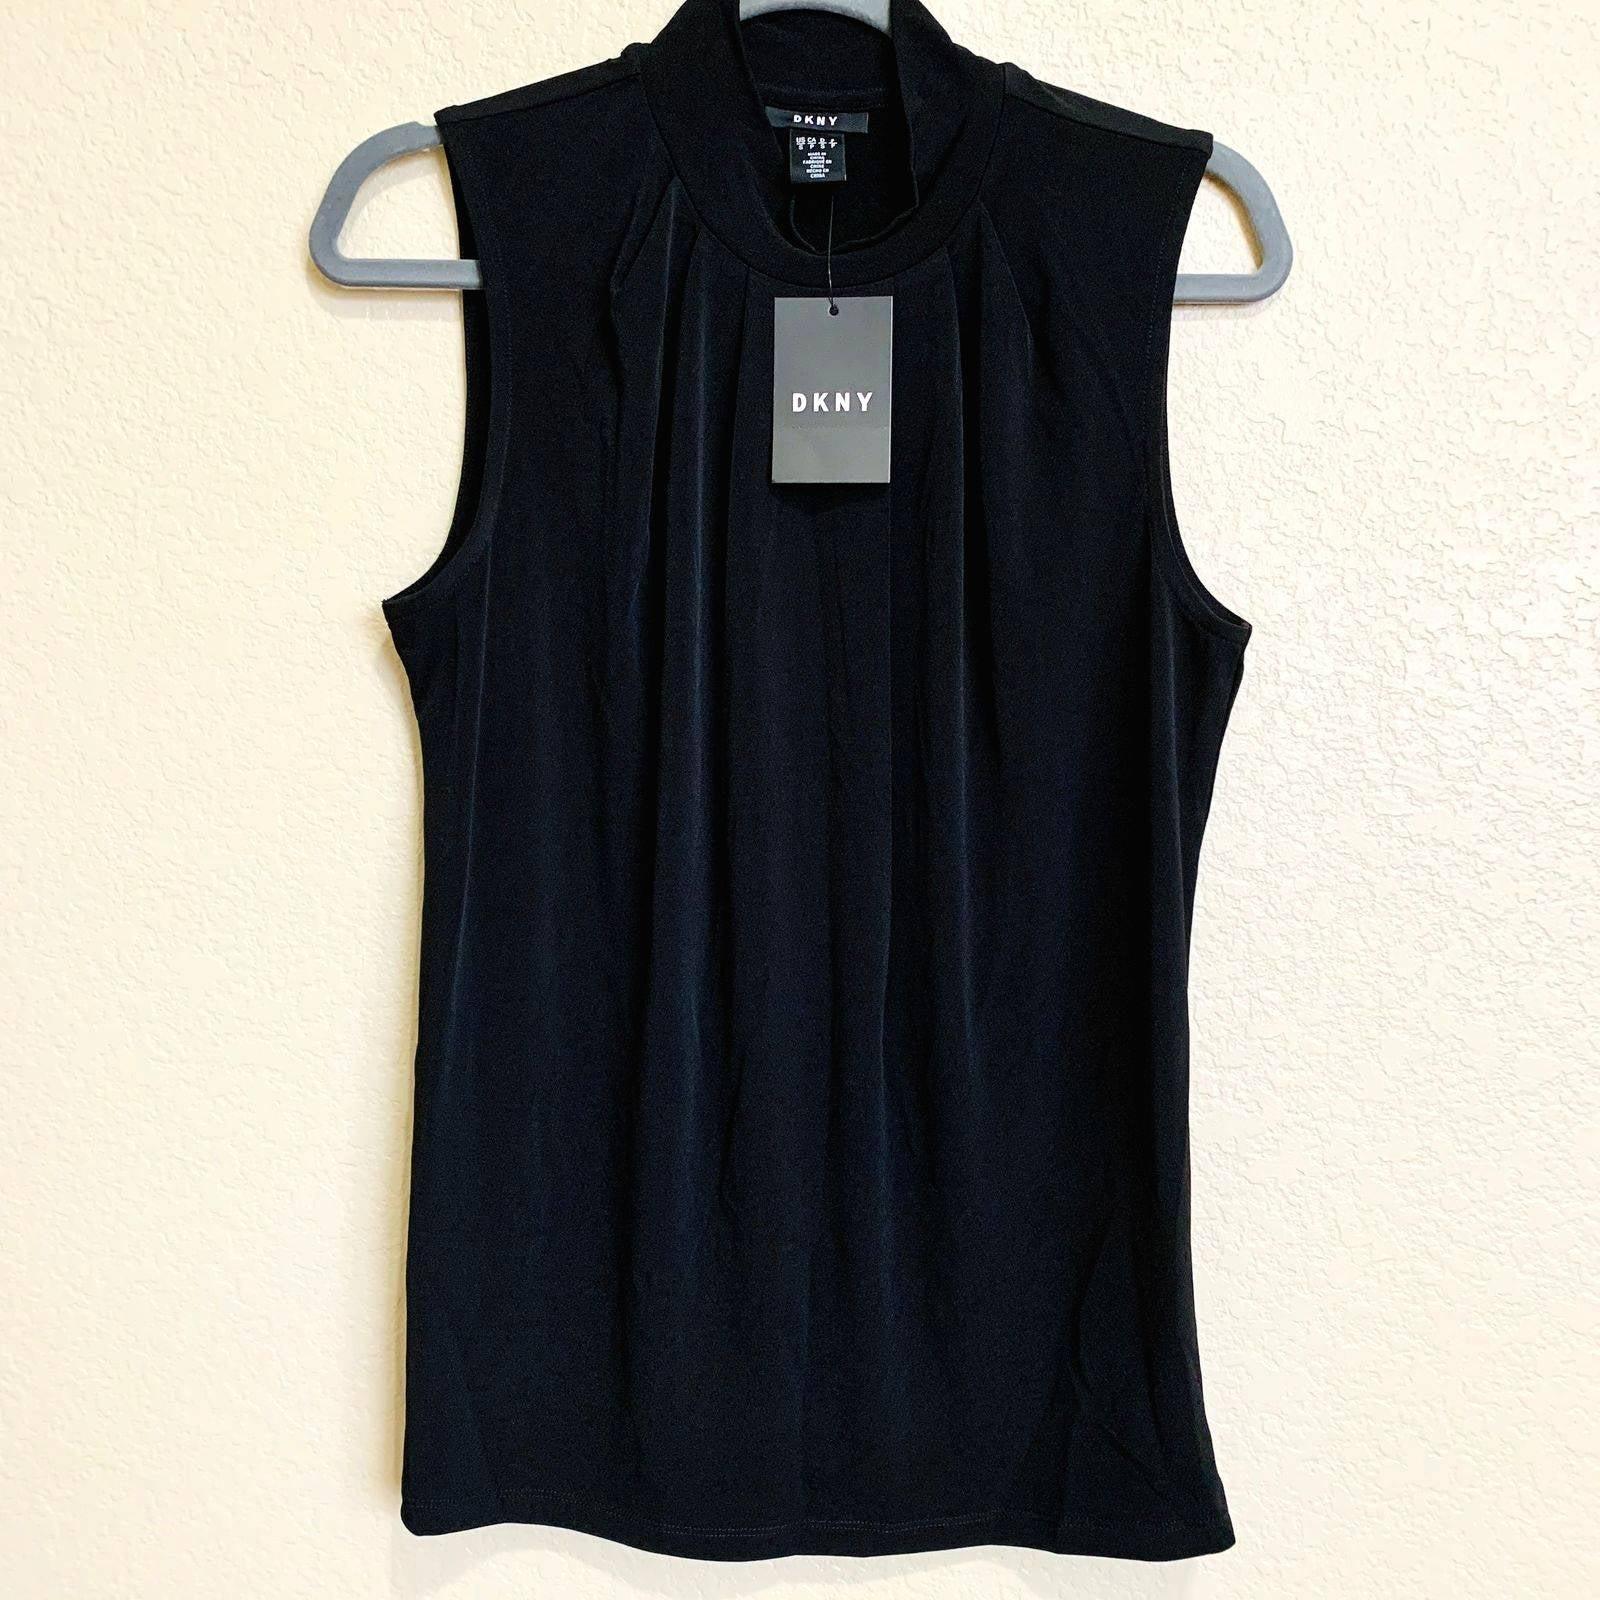 DKNY black sleeveless mock neck blouse